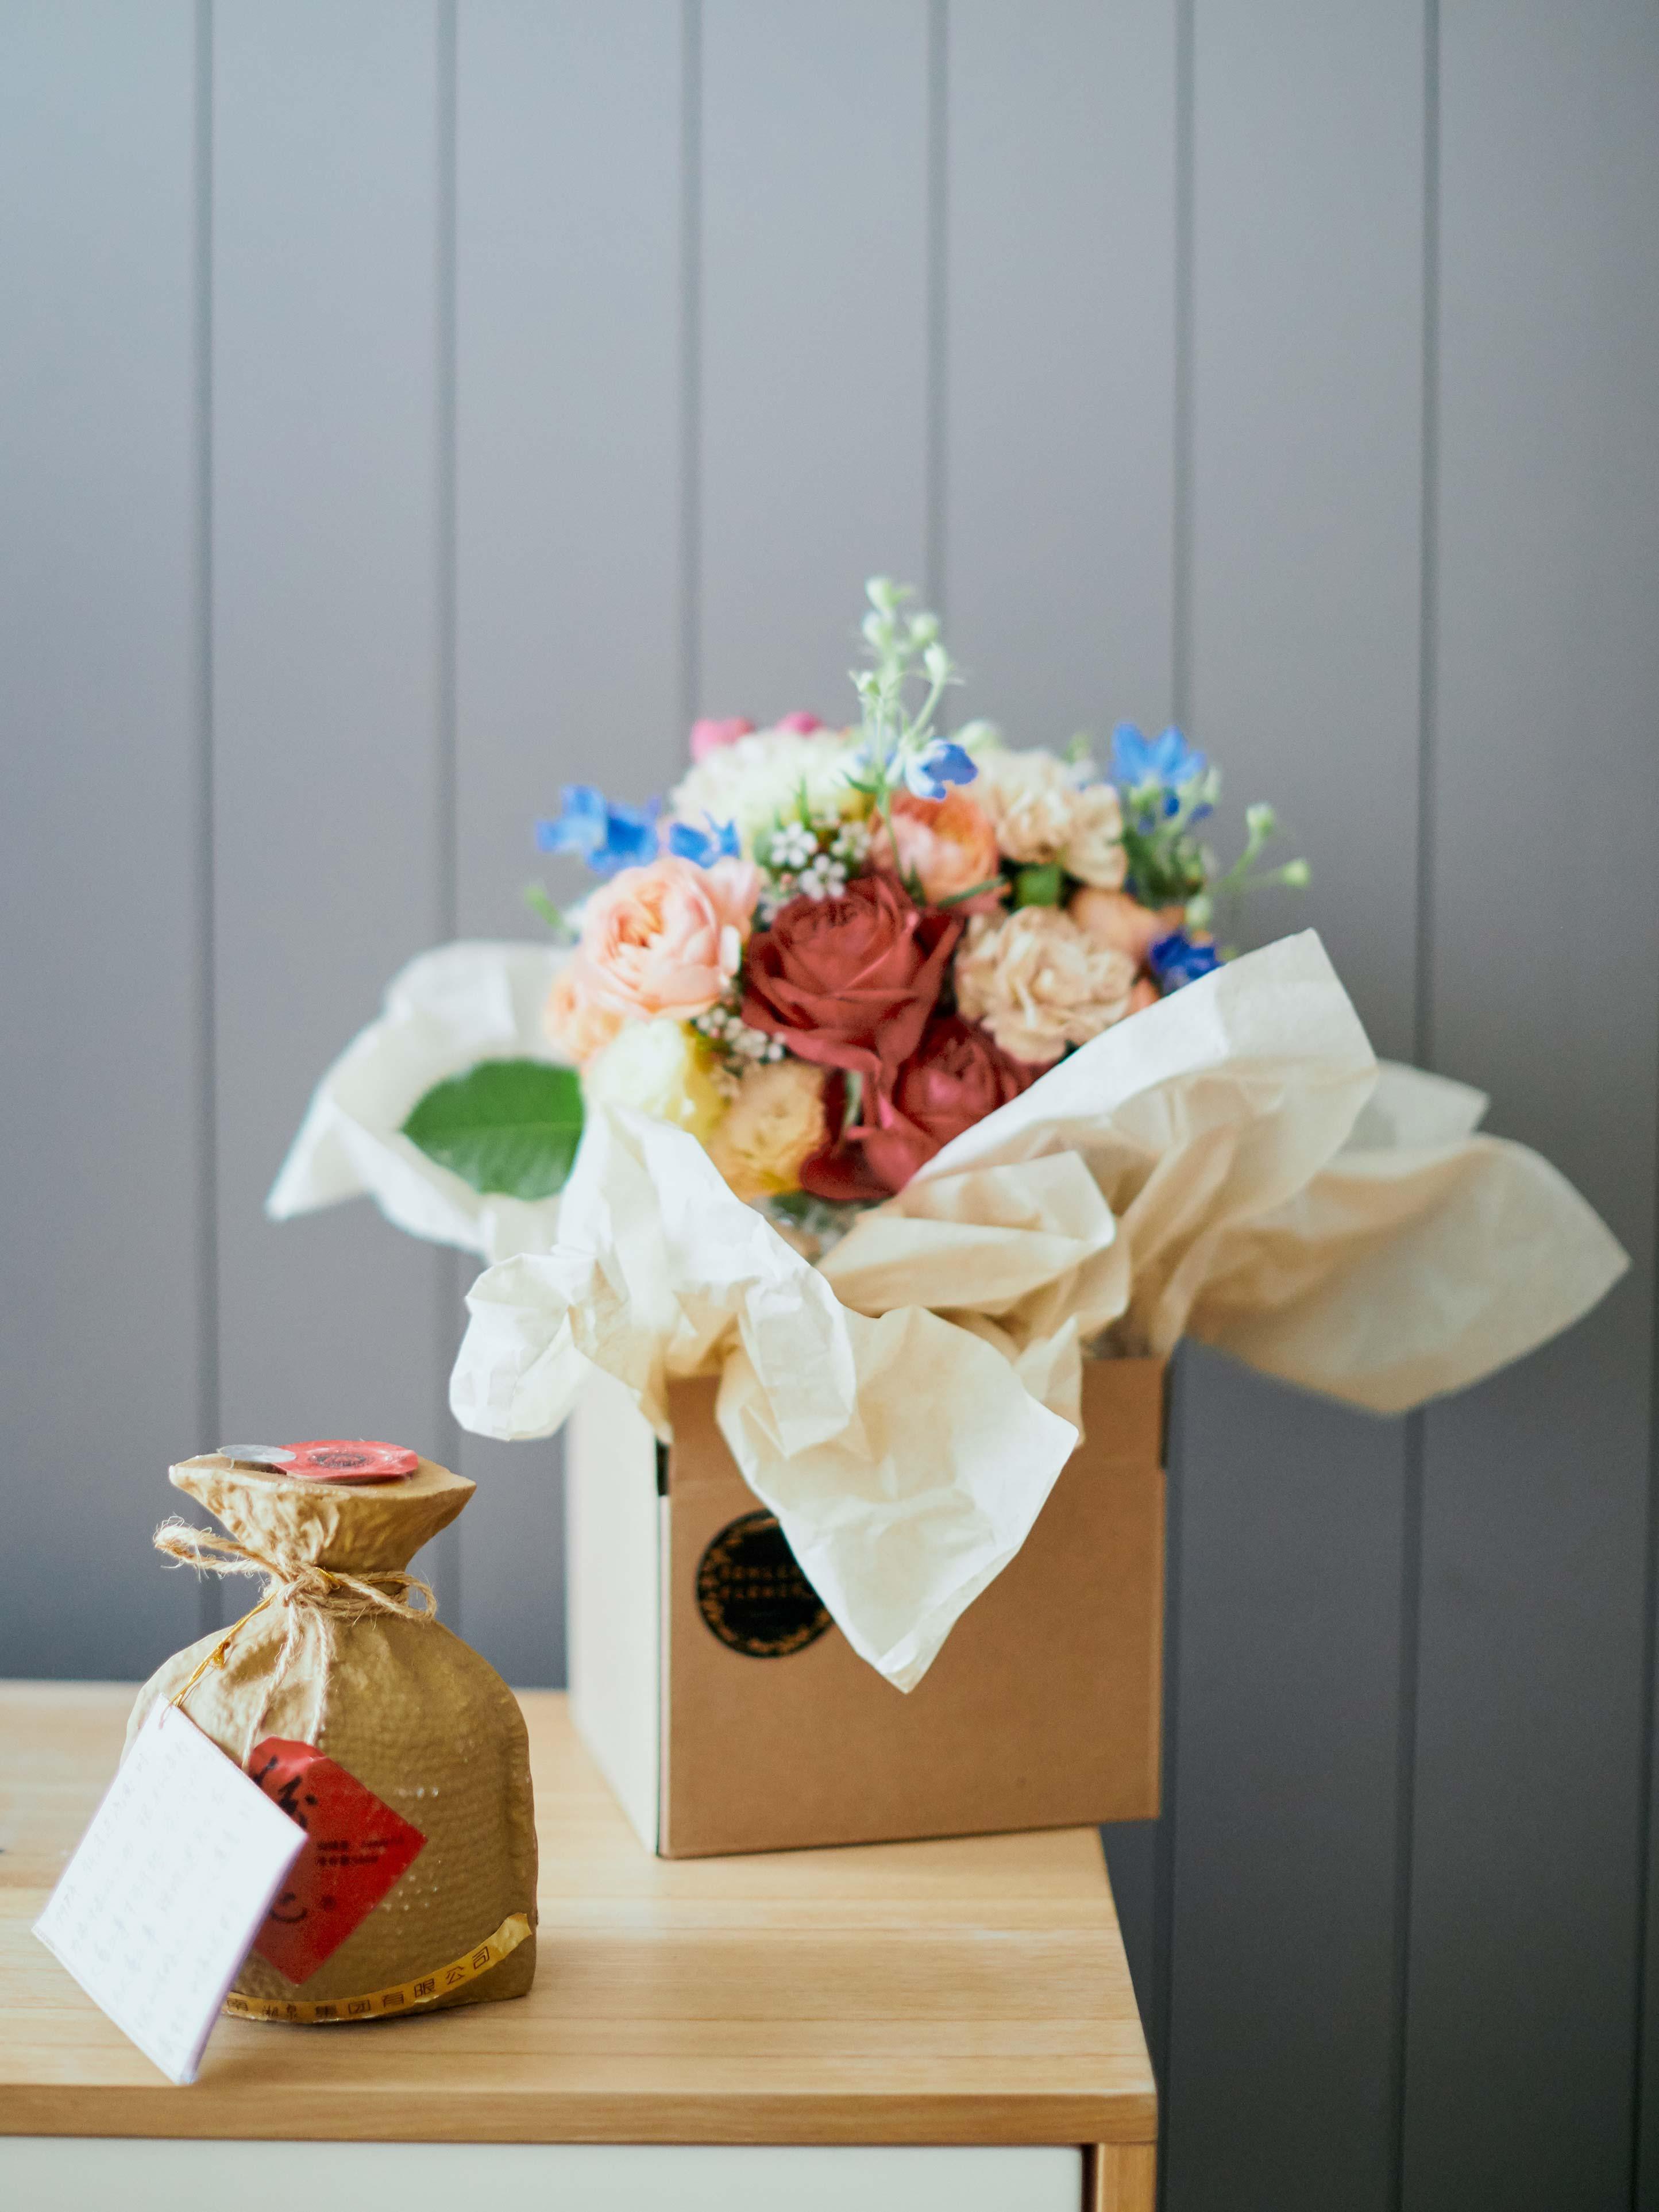 Melbourne-Wedding-Photographer-Kettle-Black-bouquet